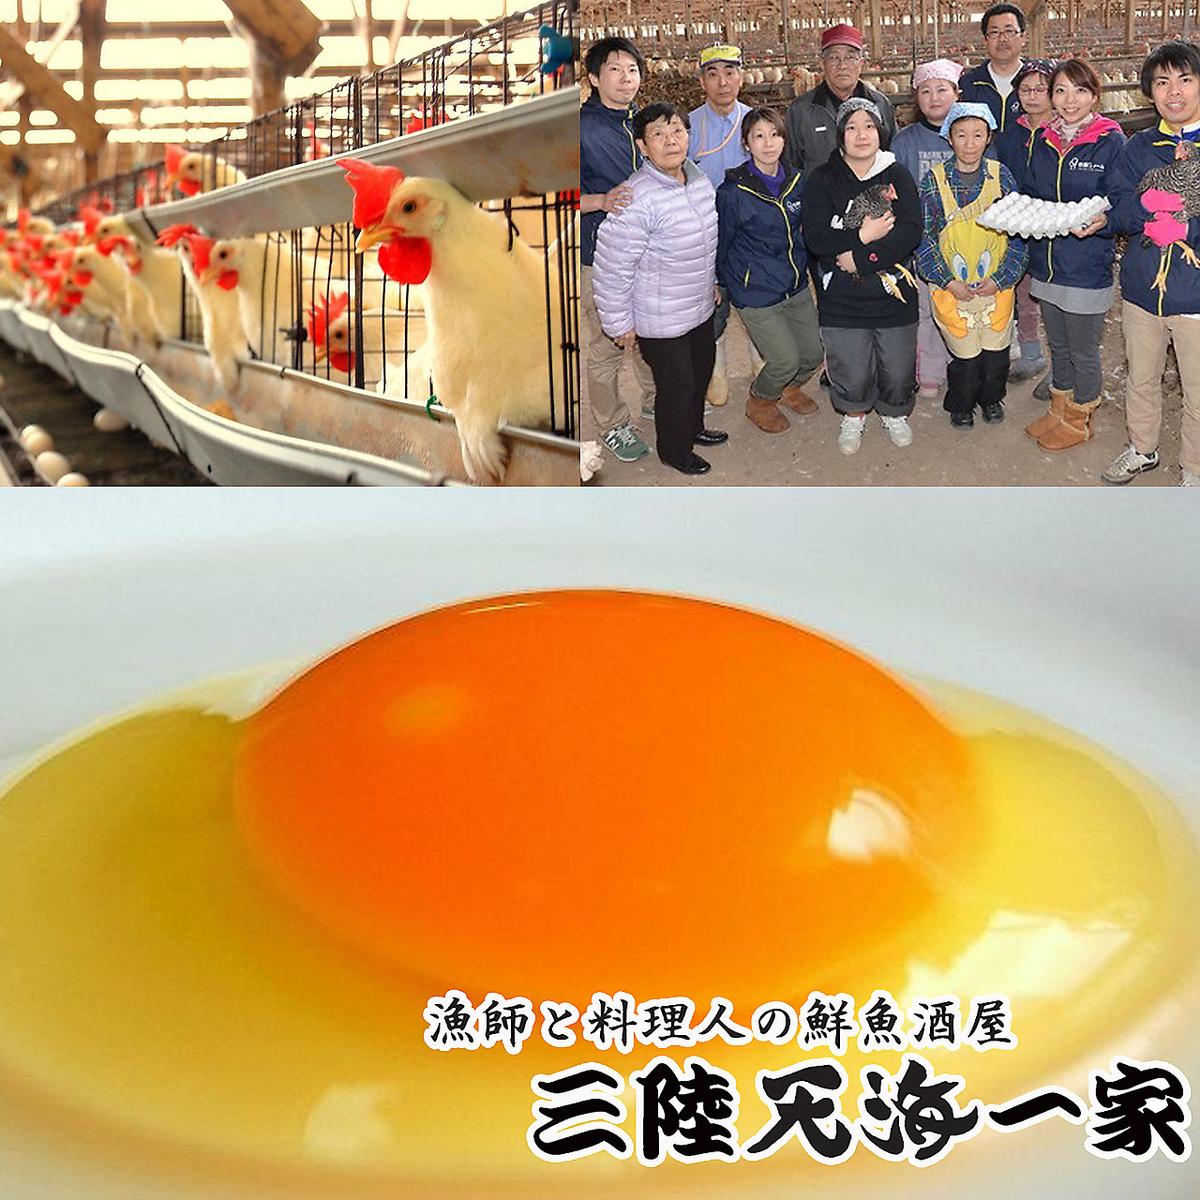 烤!Shiraishi竹鸡蛋yaki